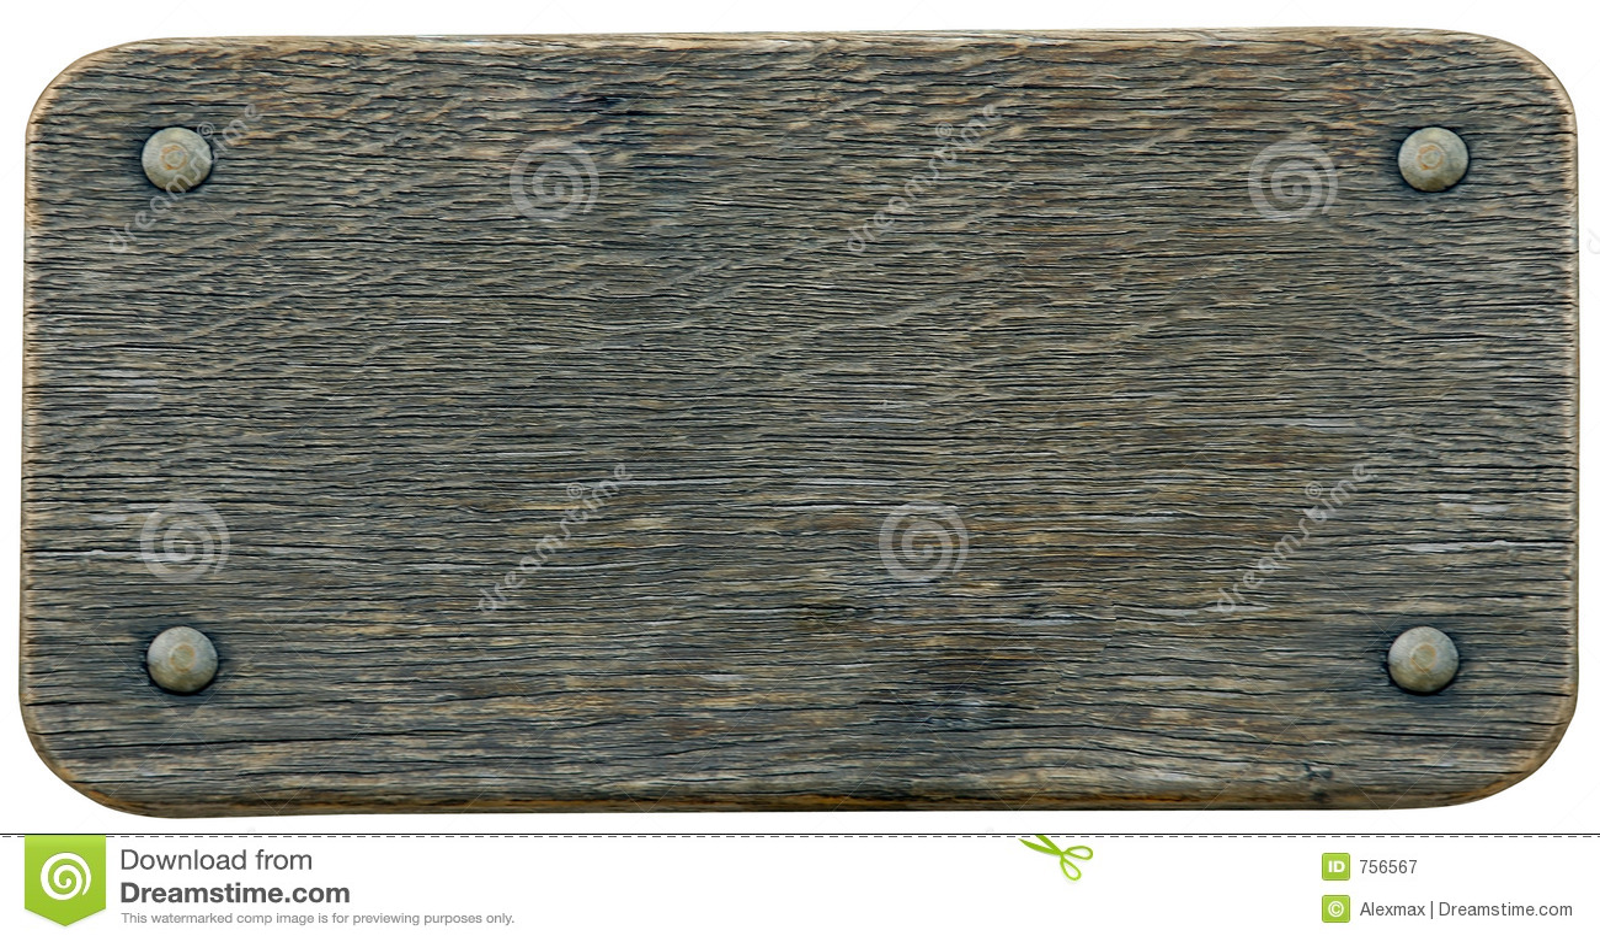 Nameboardzeichen-Holzhintergrund